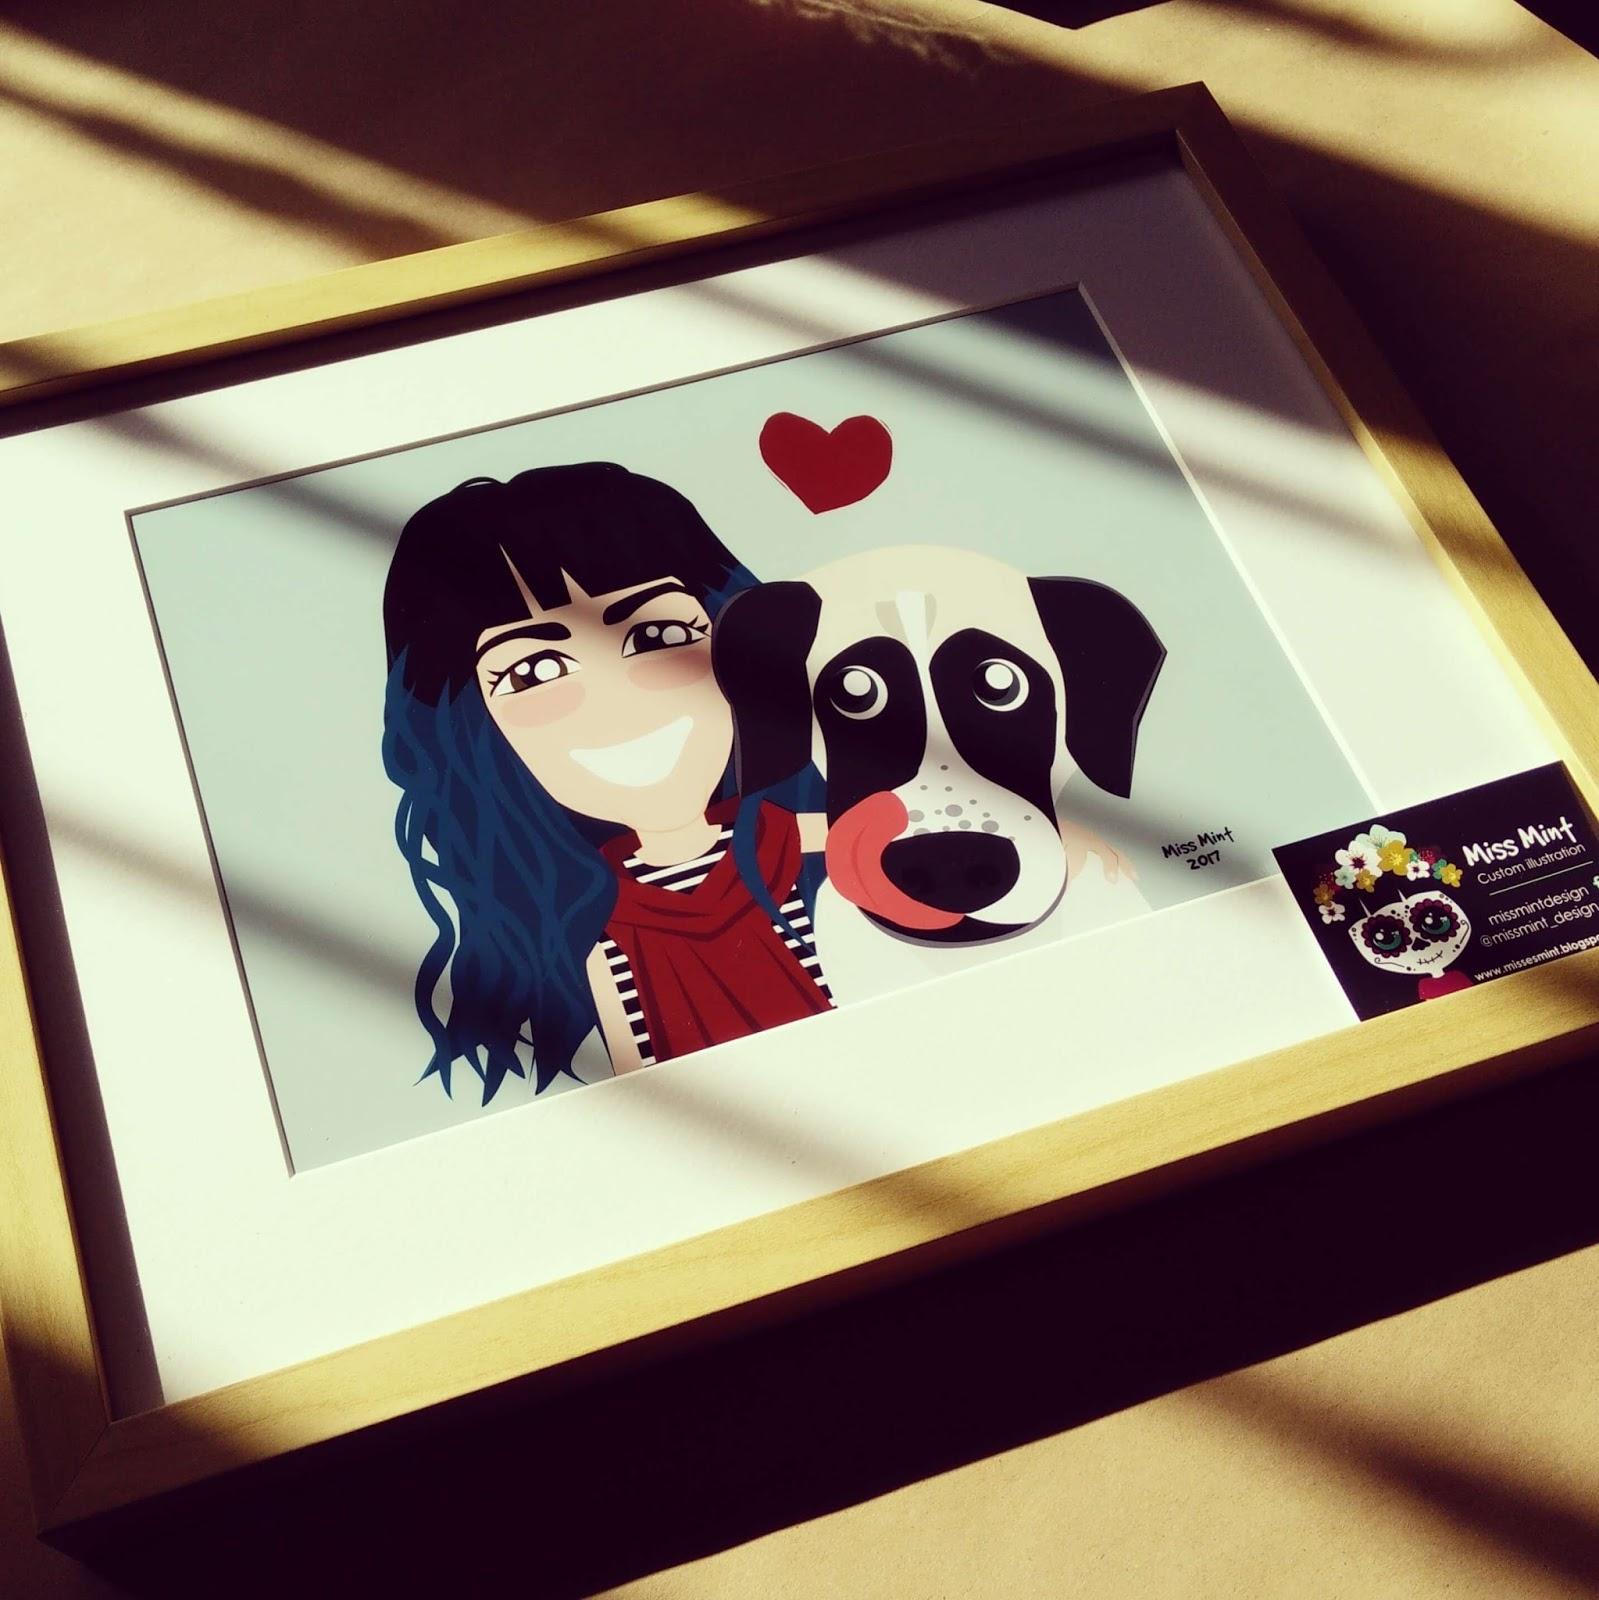 regalos originales con ilustraciones personalizadas miss mint